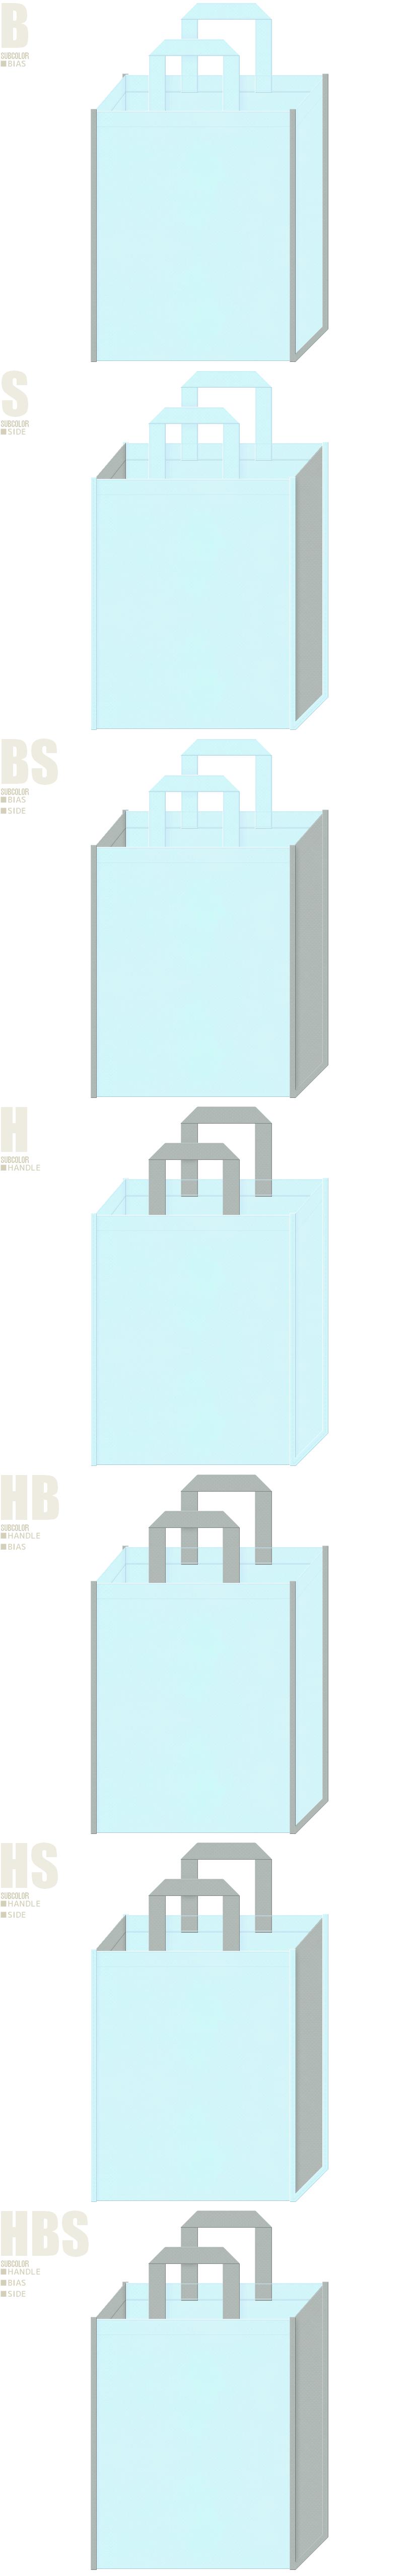 水道設備・給排水設備の展示会用バッグにお奨めの、水色とグレー色-7パターンの不織布トートバッグ配色デザイン例